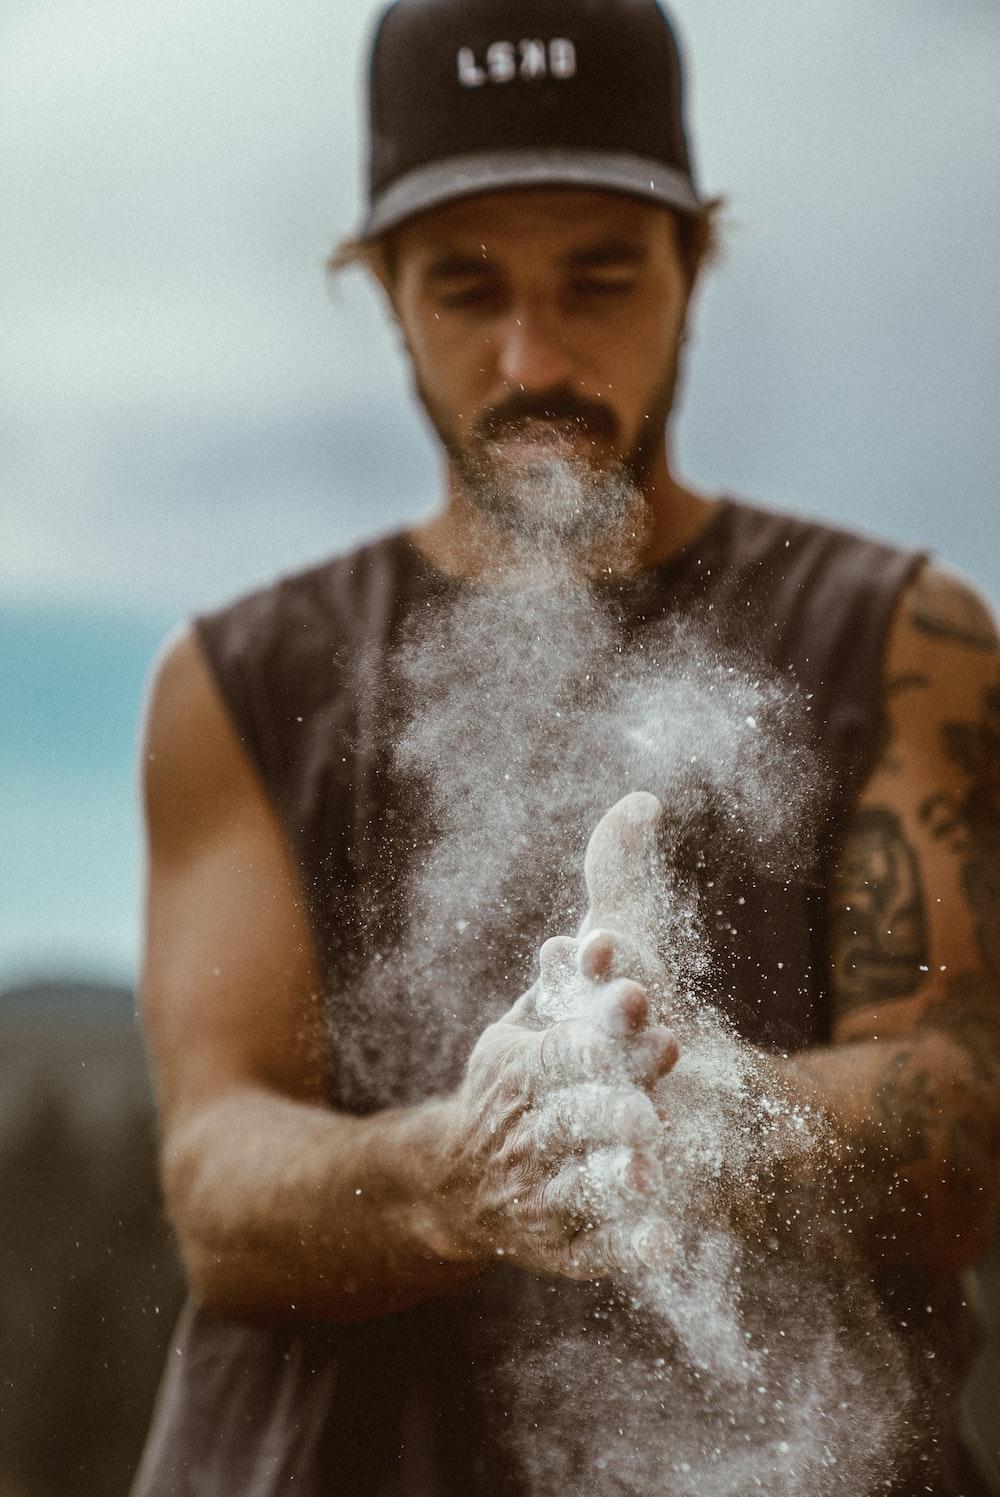 man in black tank top blowing white powder